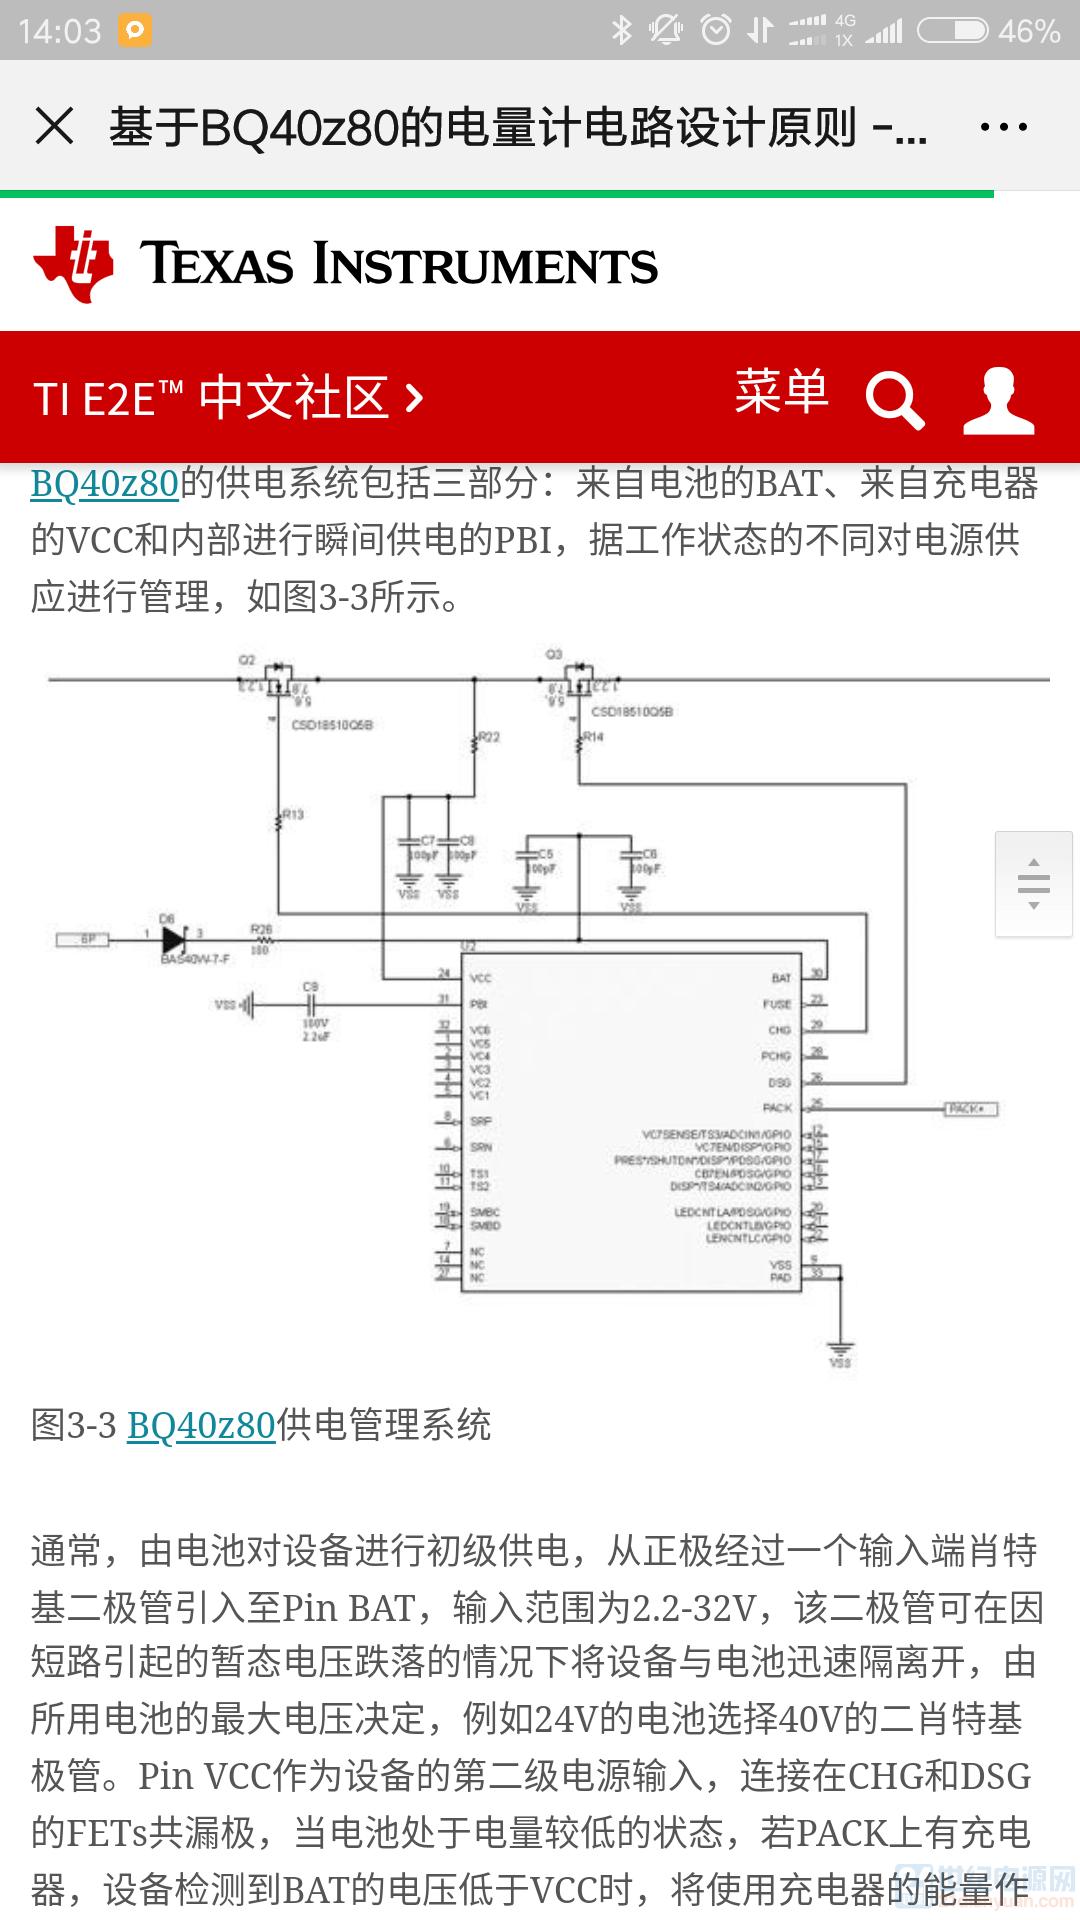 Screenshot_2019-11-01-14-03-50-021_com.tencent.mm.png